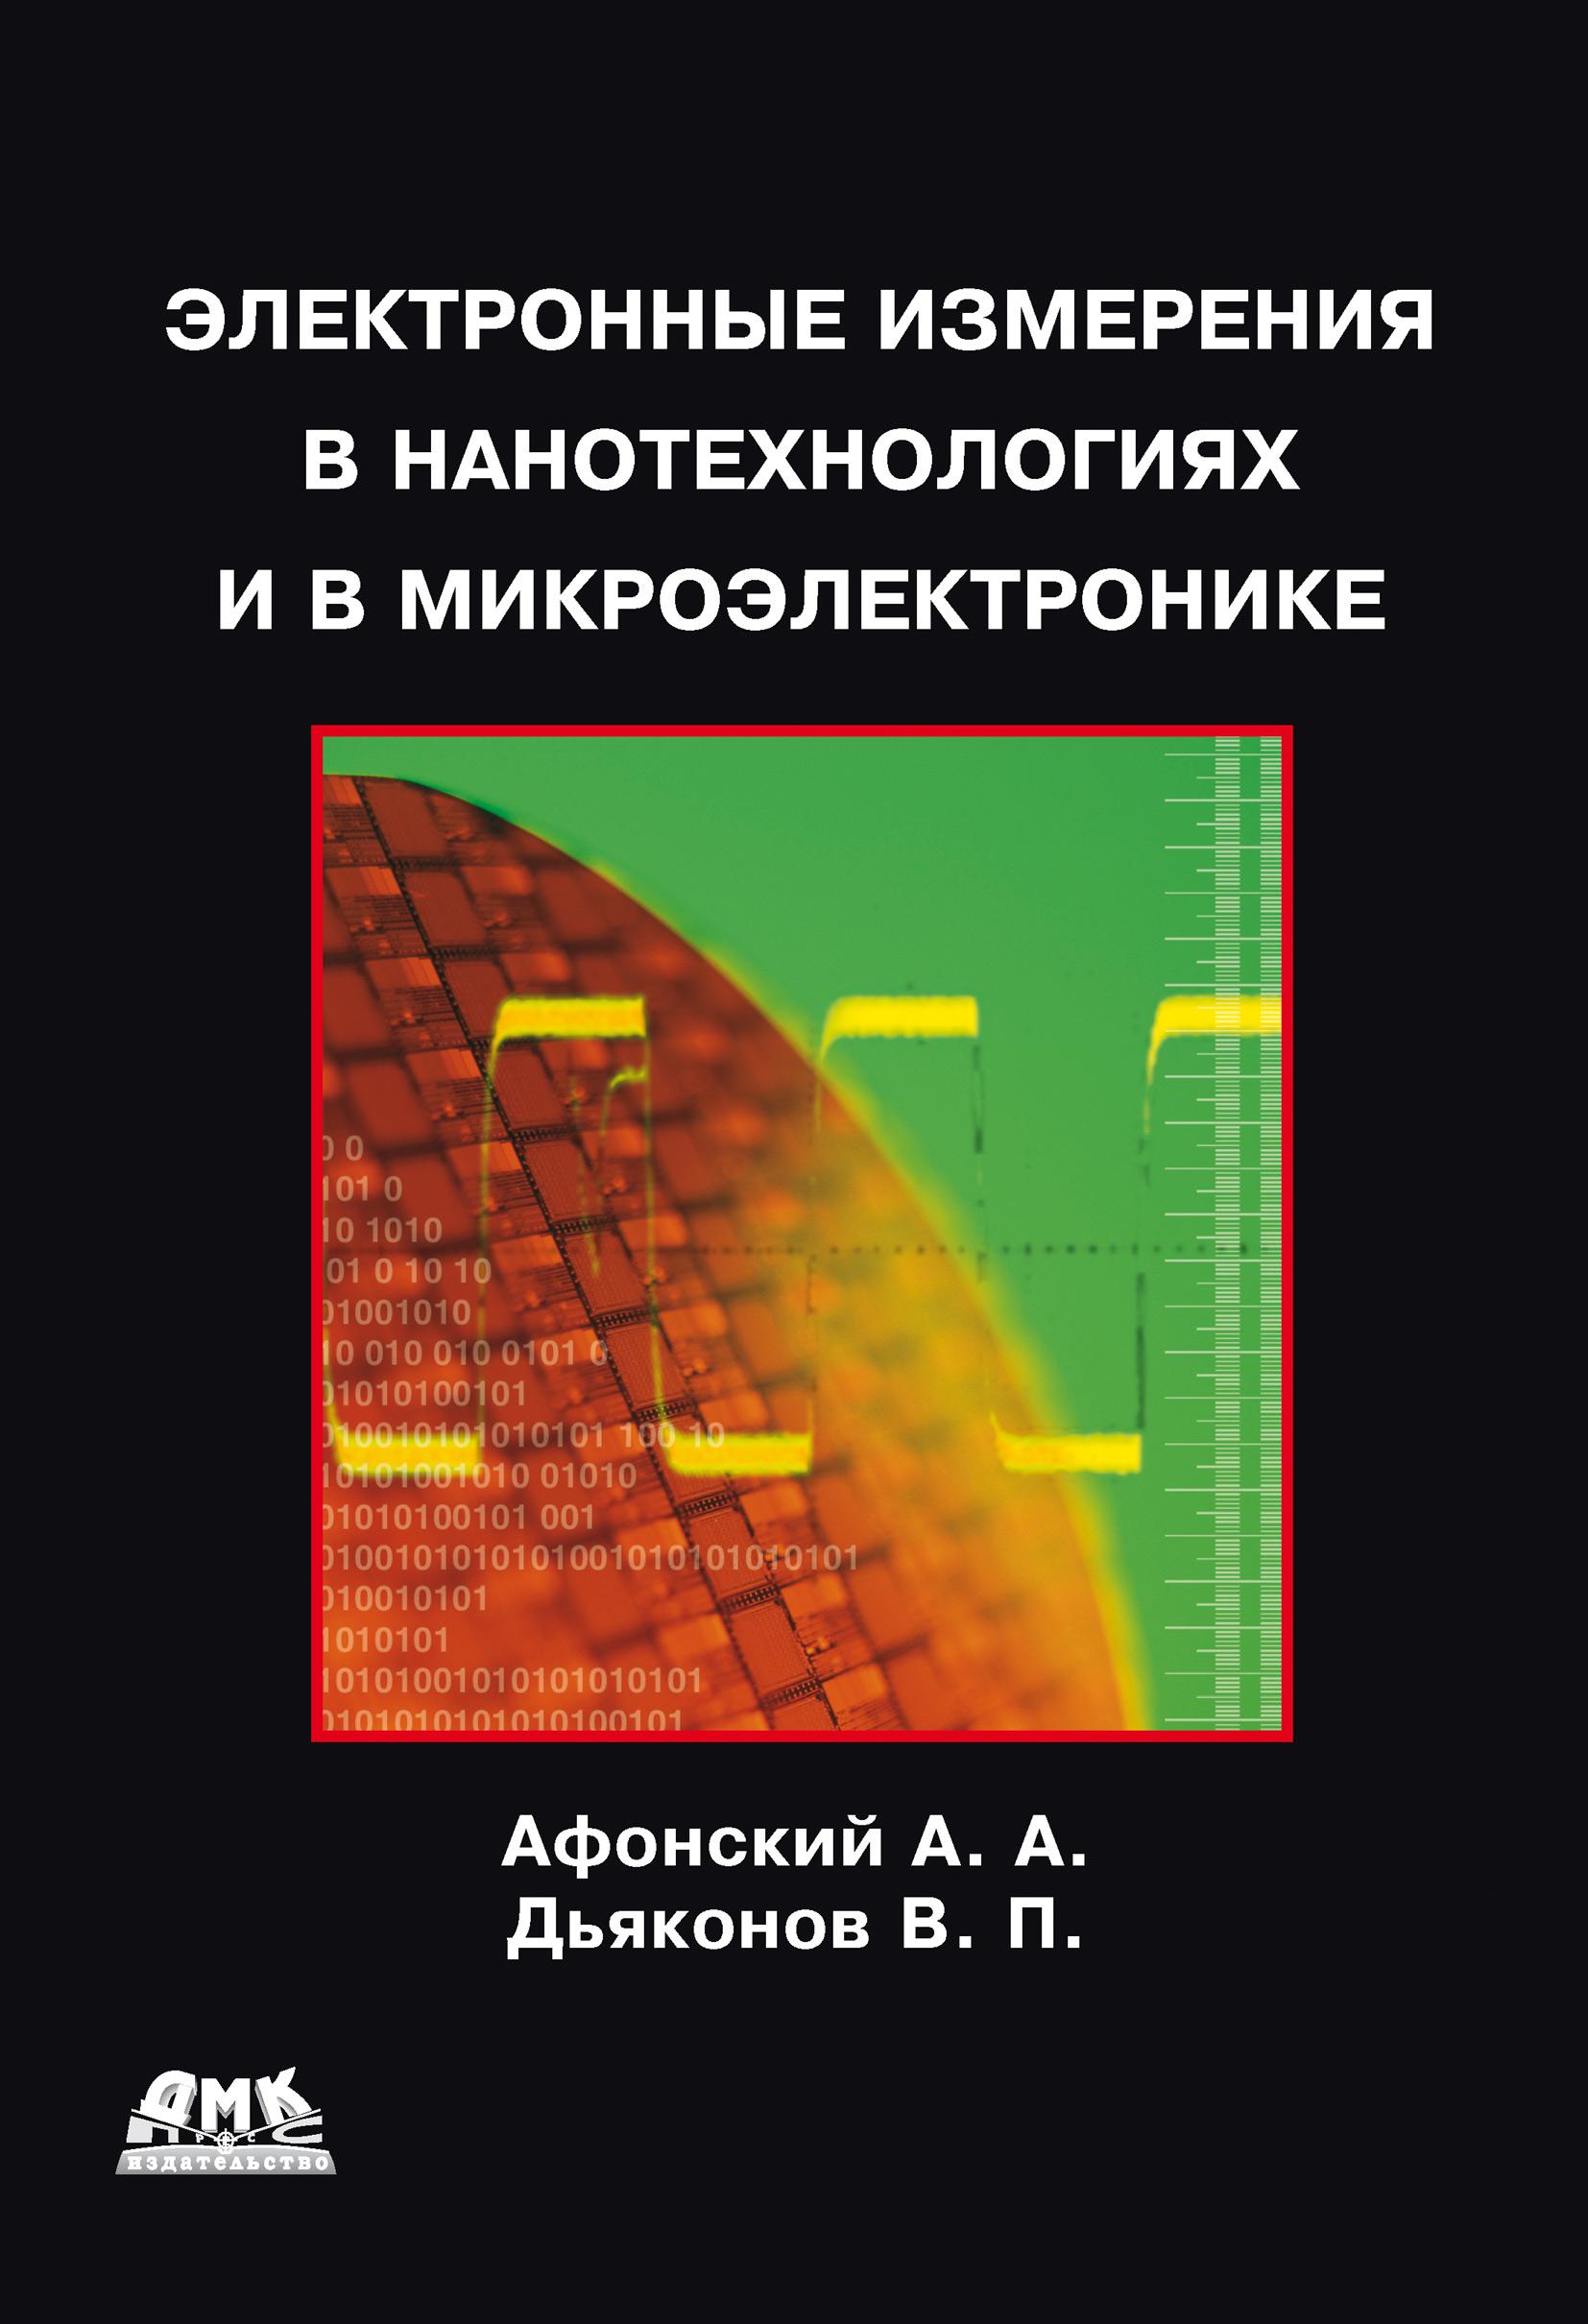 В. П. Дьяконов Электронные измерения в нанотехнологиях и микроэлектронике цена и фото